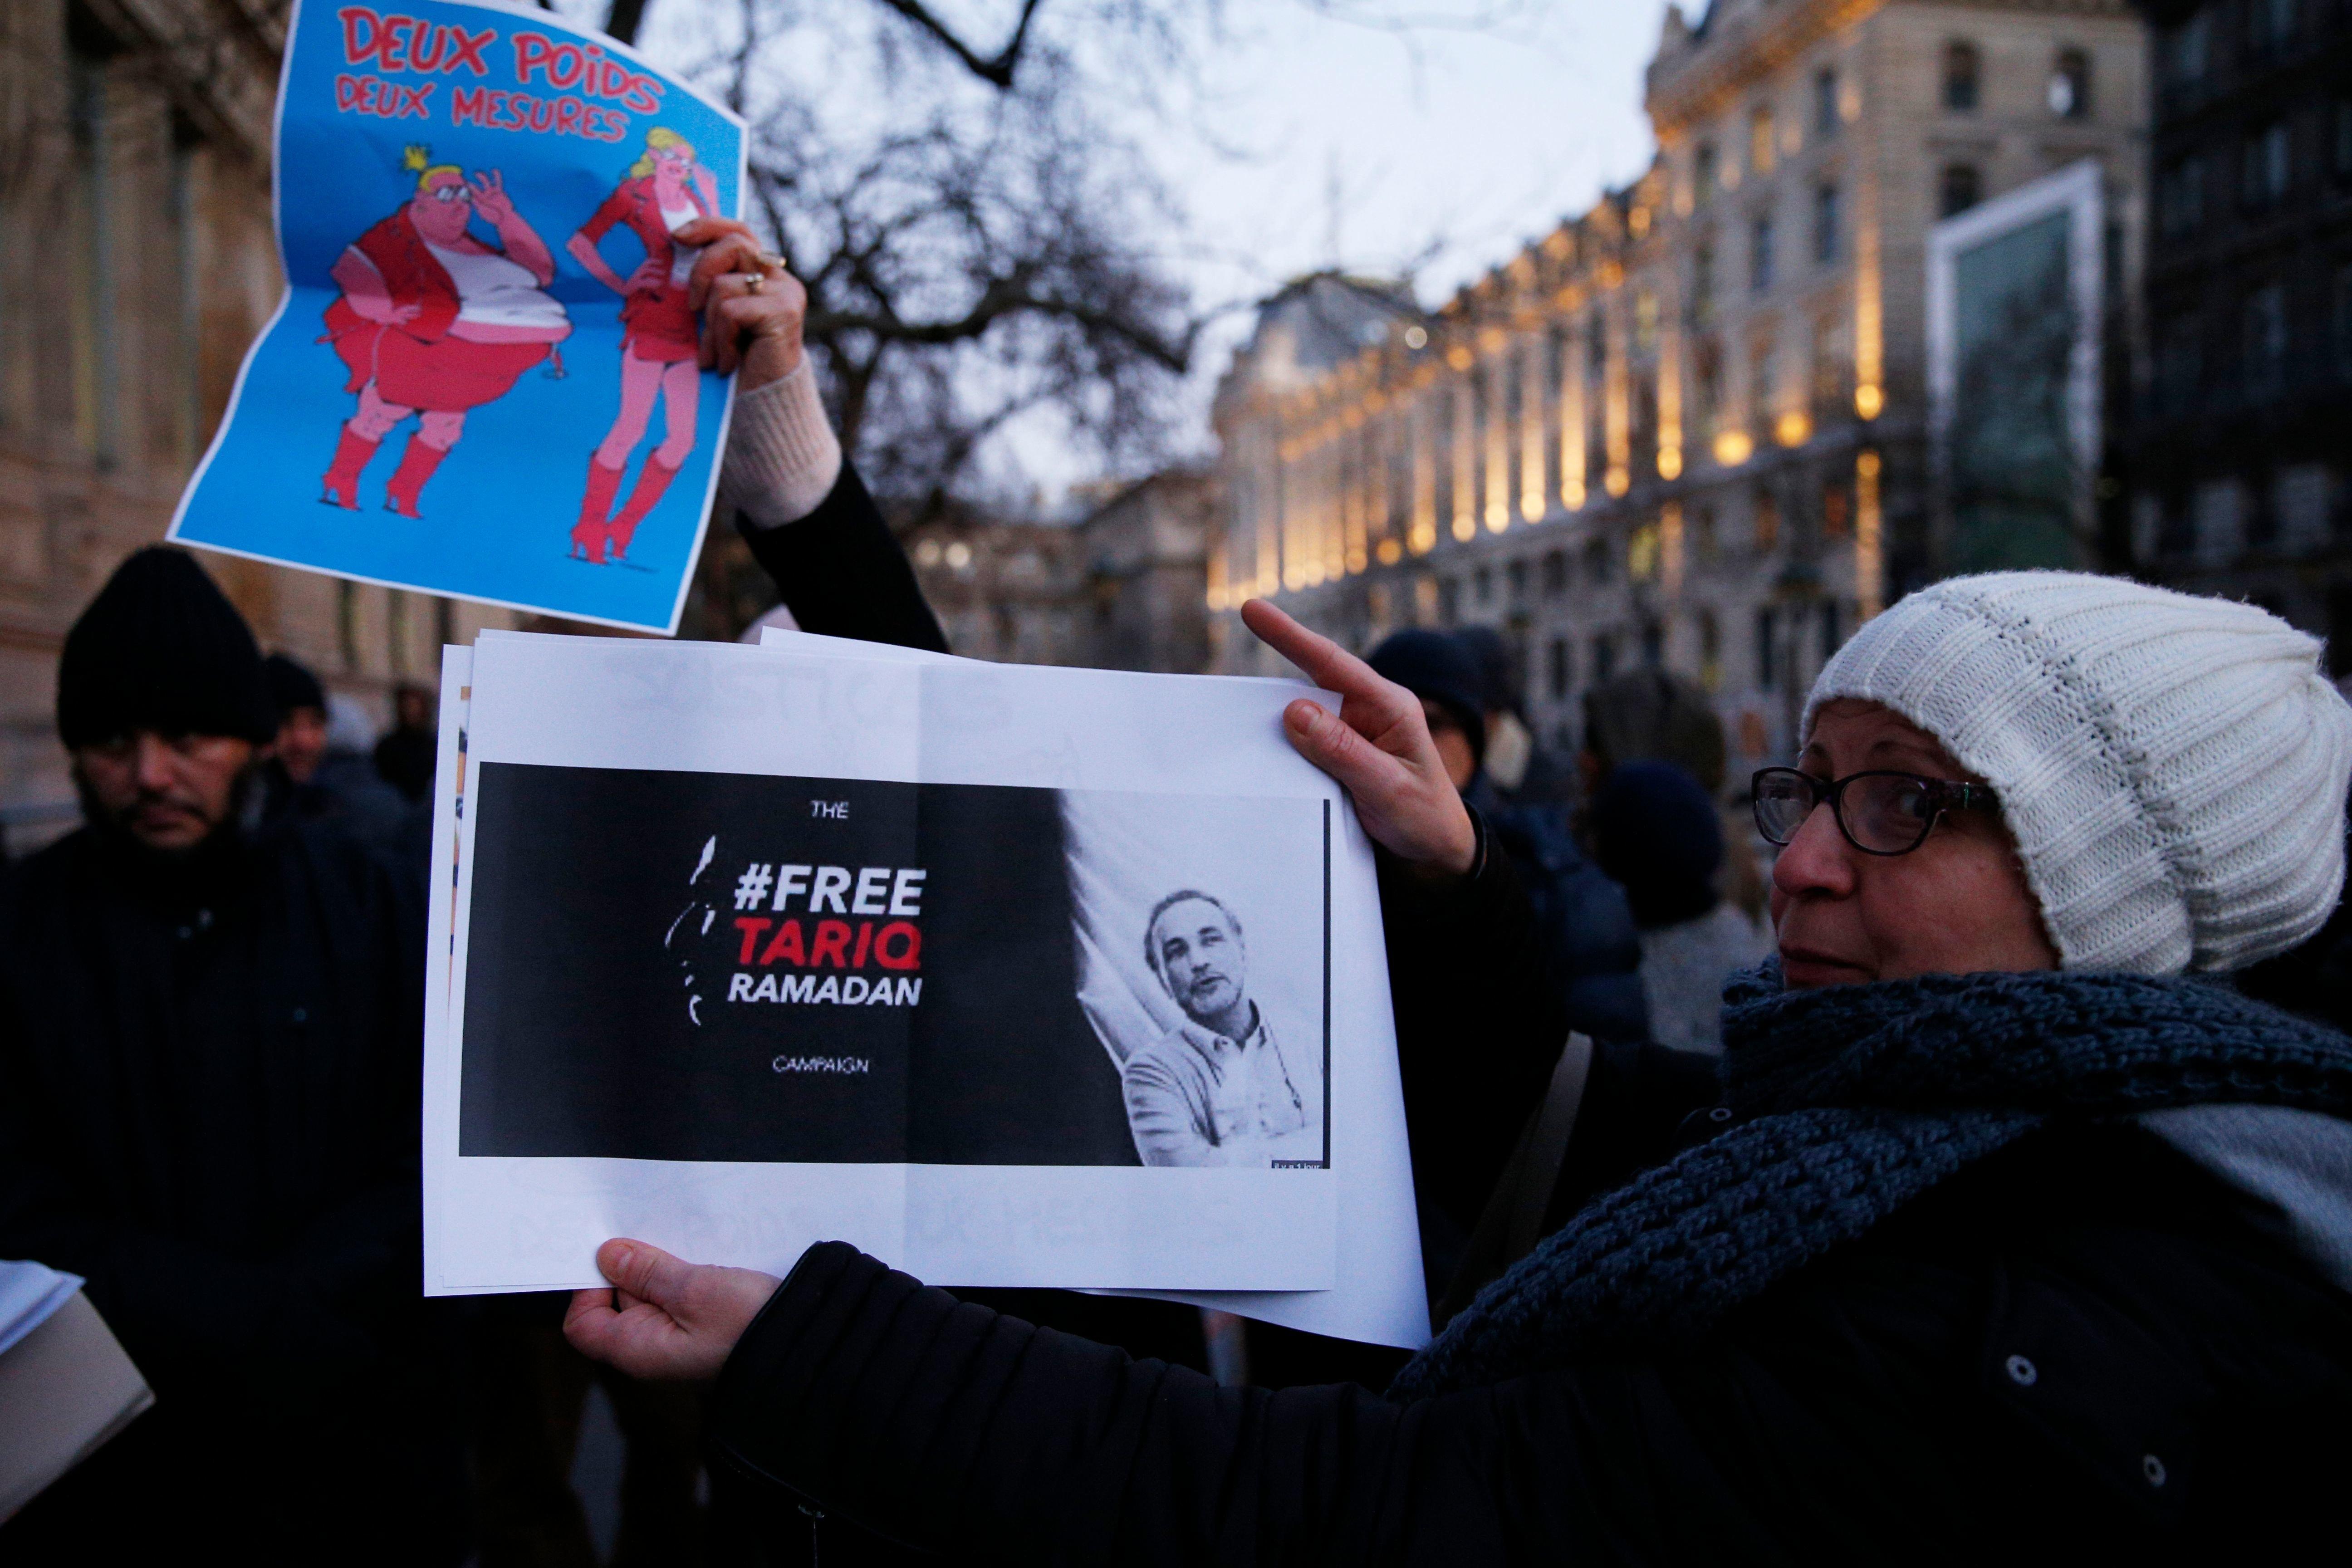 Affaire Tariq Ramadan: Mobilisation dans 25 villes du monde en soutien à l'islamologue